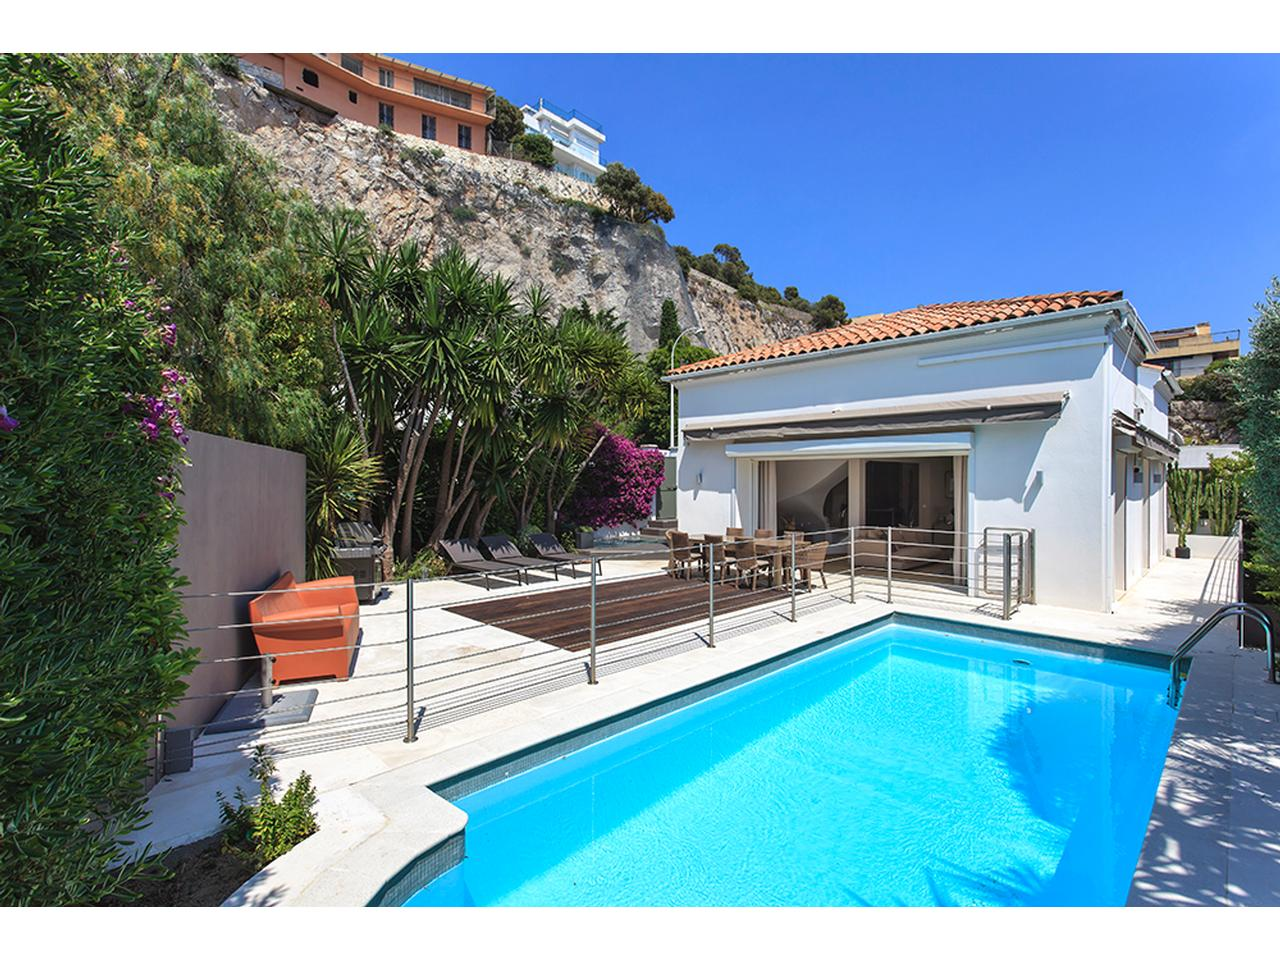 immobilier nice vue mer maison nice villa cap de nice 5 pieces vue mer a vendre mont boron. Black Bedroom Furniture Sets. Home Design Ideas